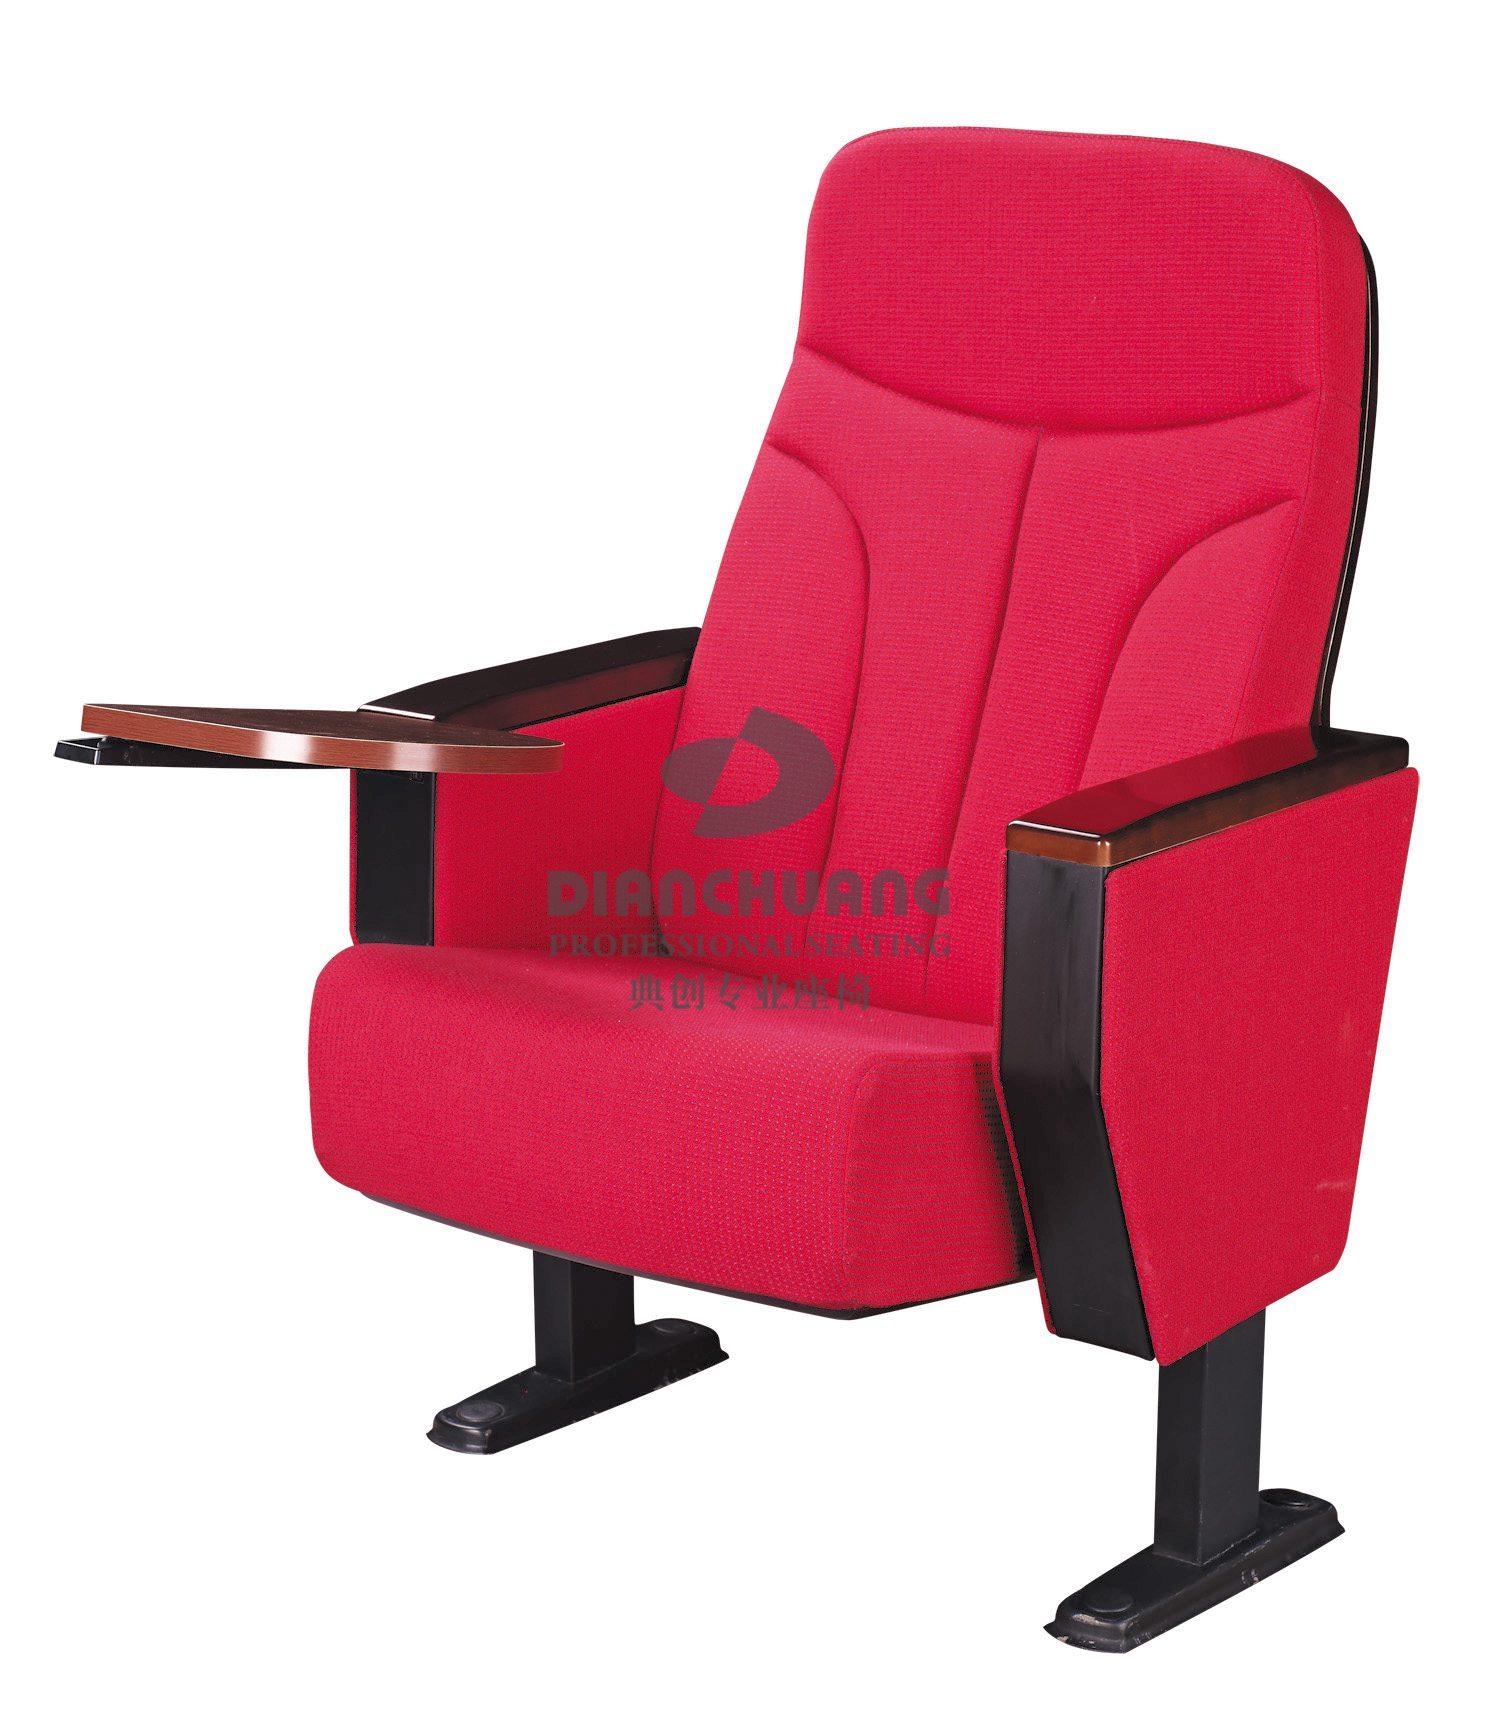 单排阻燃面料固定脚礼堂椅子-5043